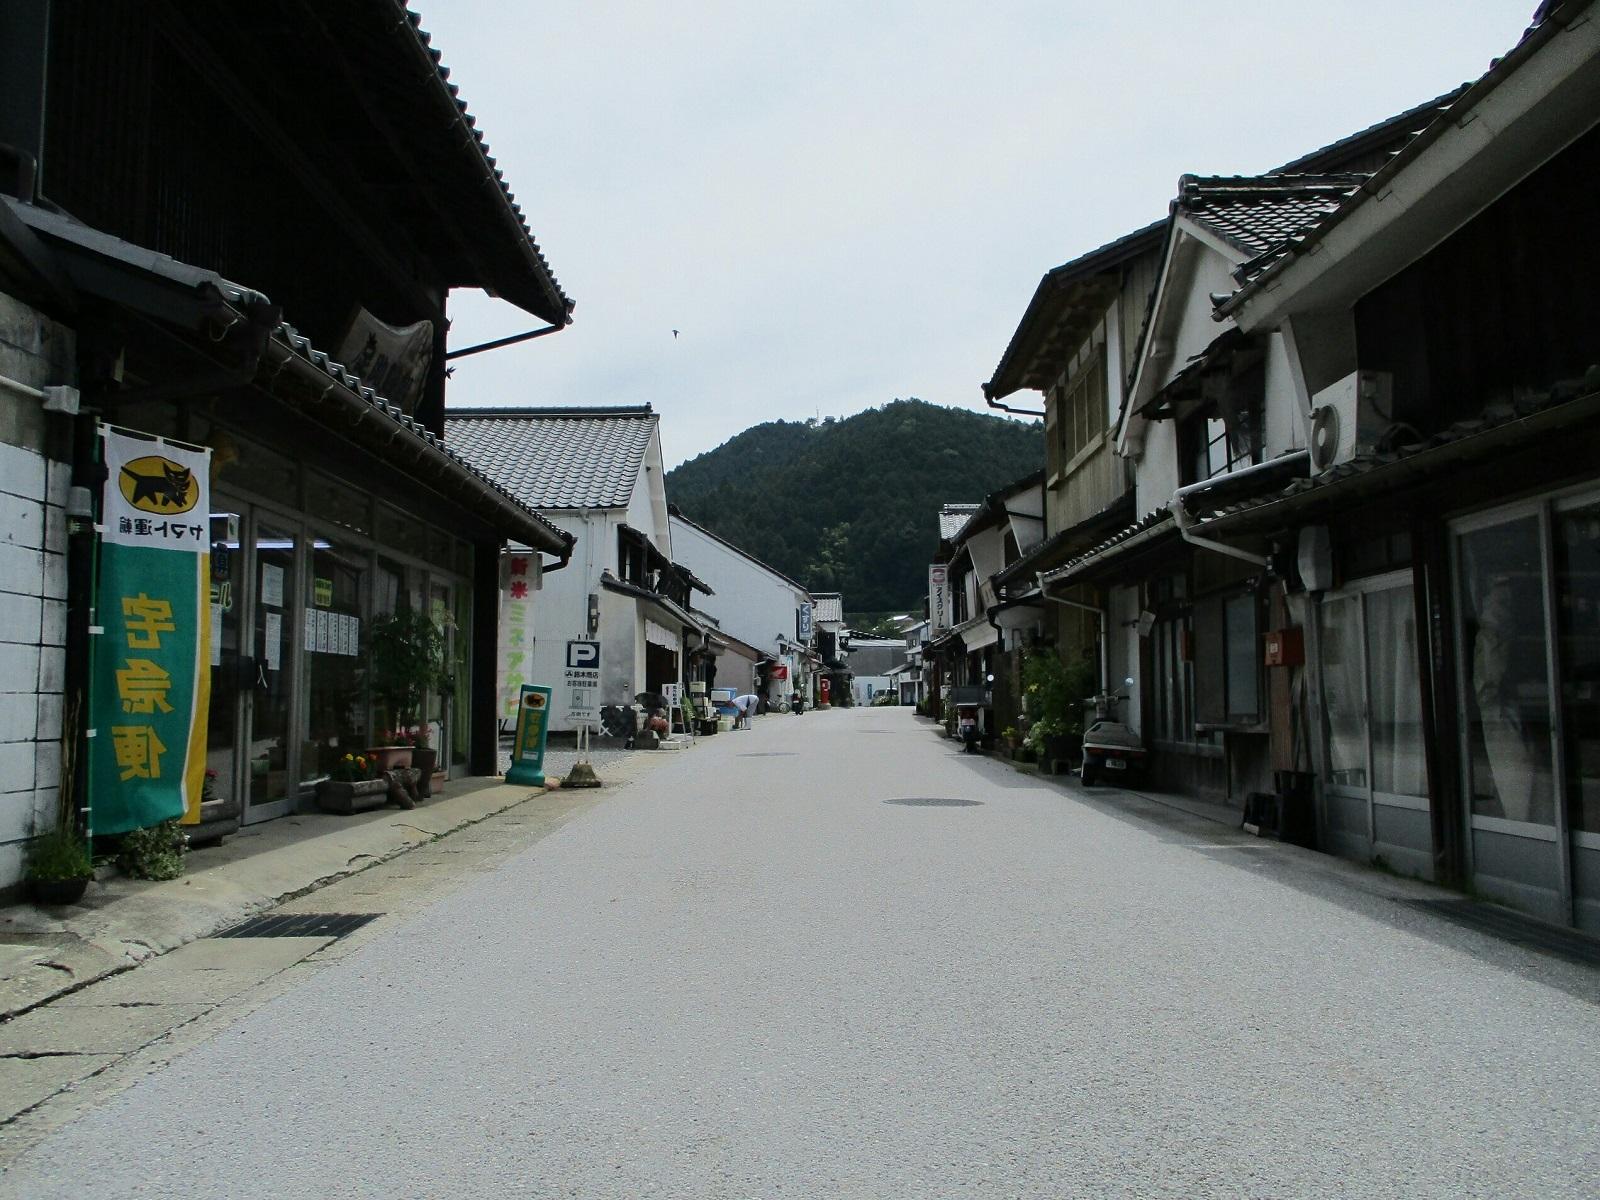 2018.6.22 (81) 足助 - 足助街道 1600-1200